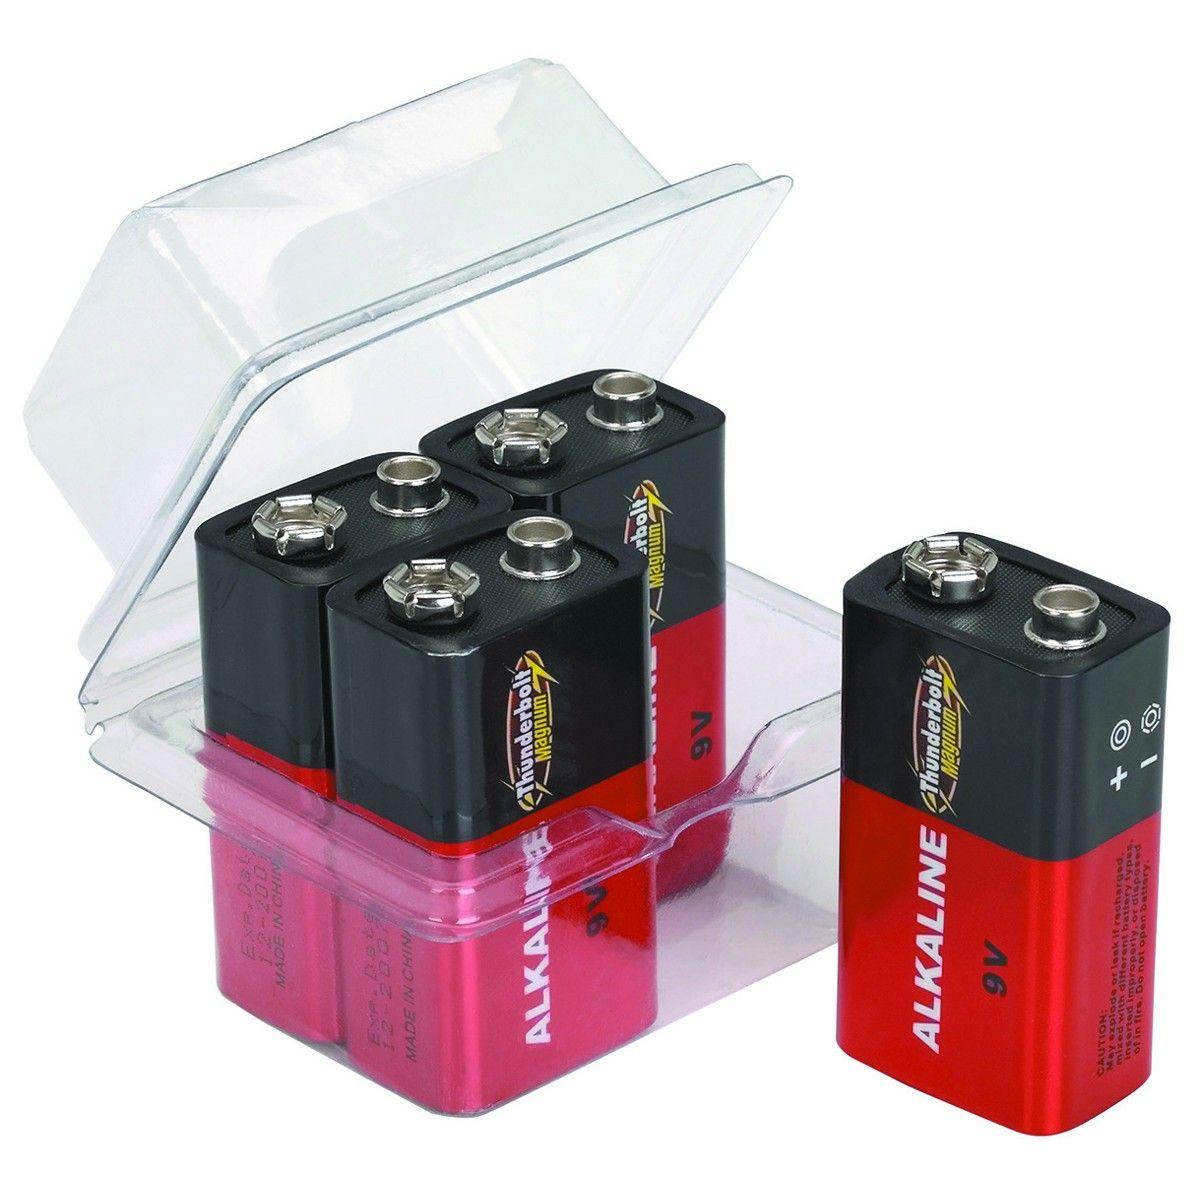 Thunderbolt Edge Alkaline Batteries For 4 99 Harbor Freight Tools Alkaline Battery Harbor Freight Coupon